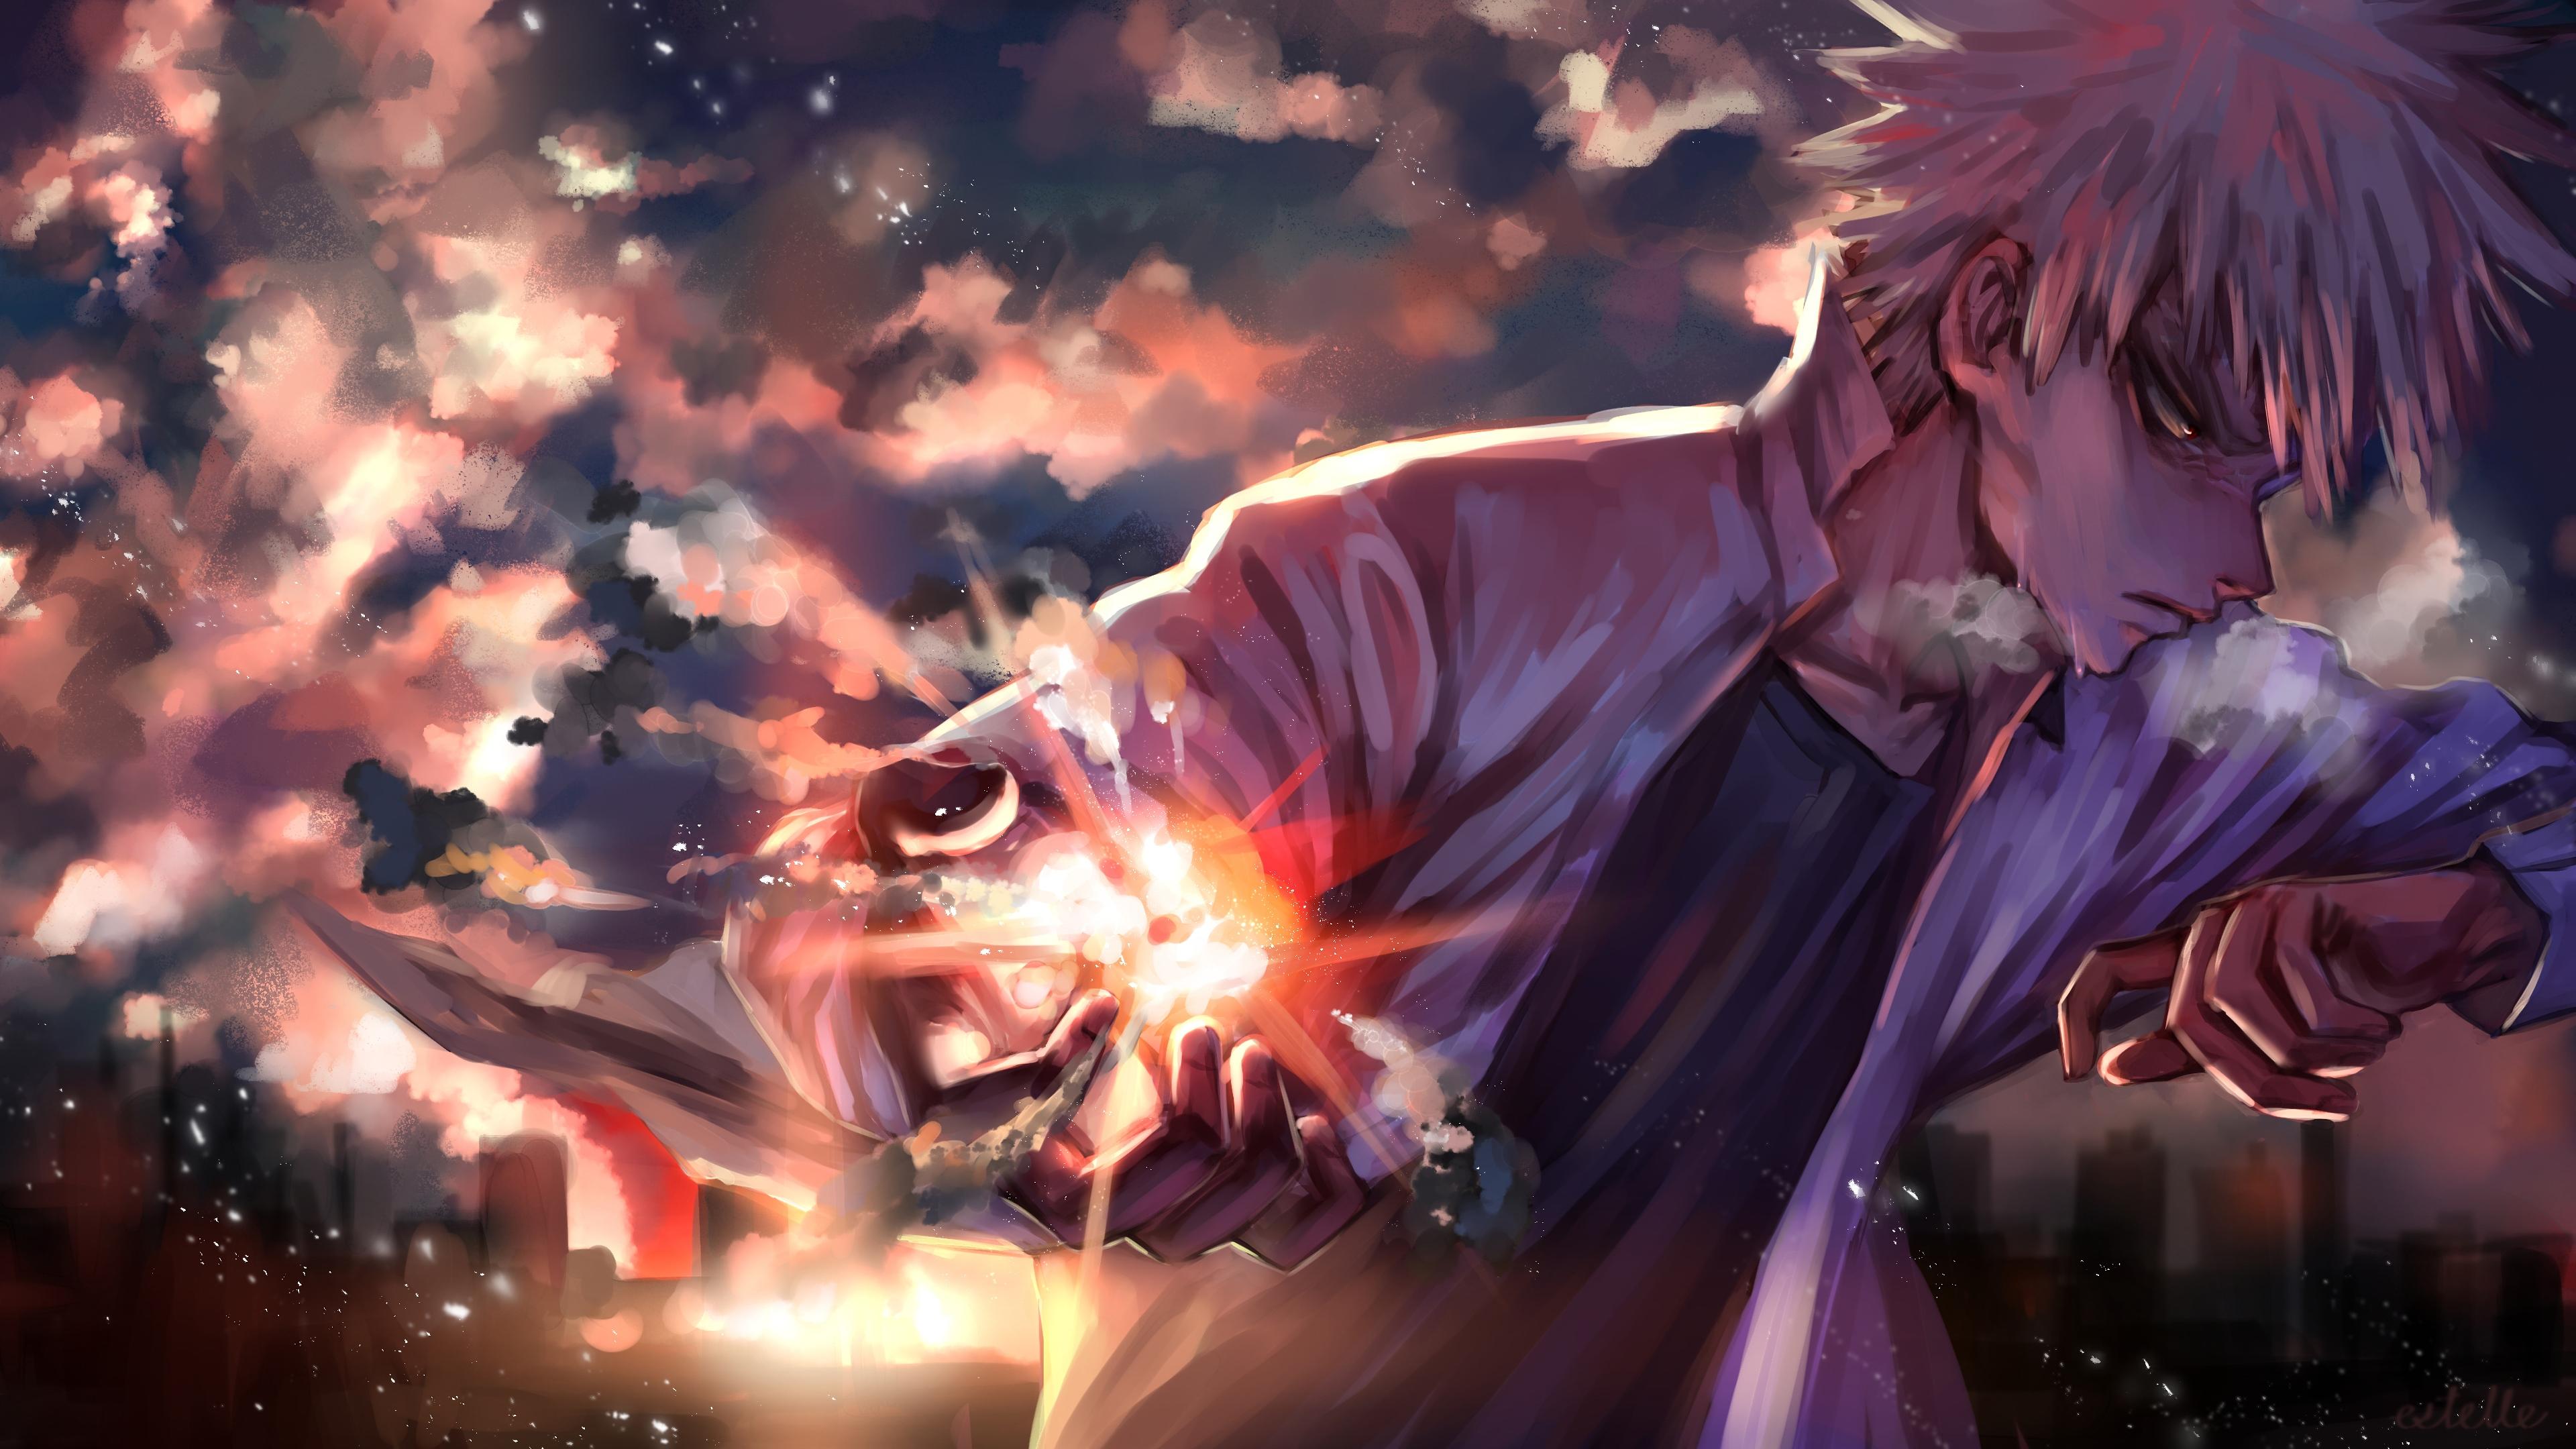 Boku no Hero background 4